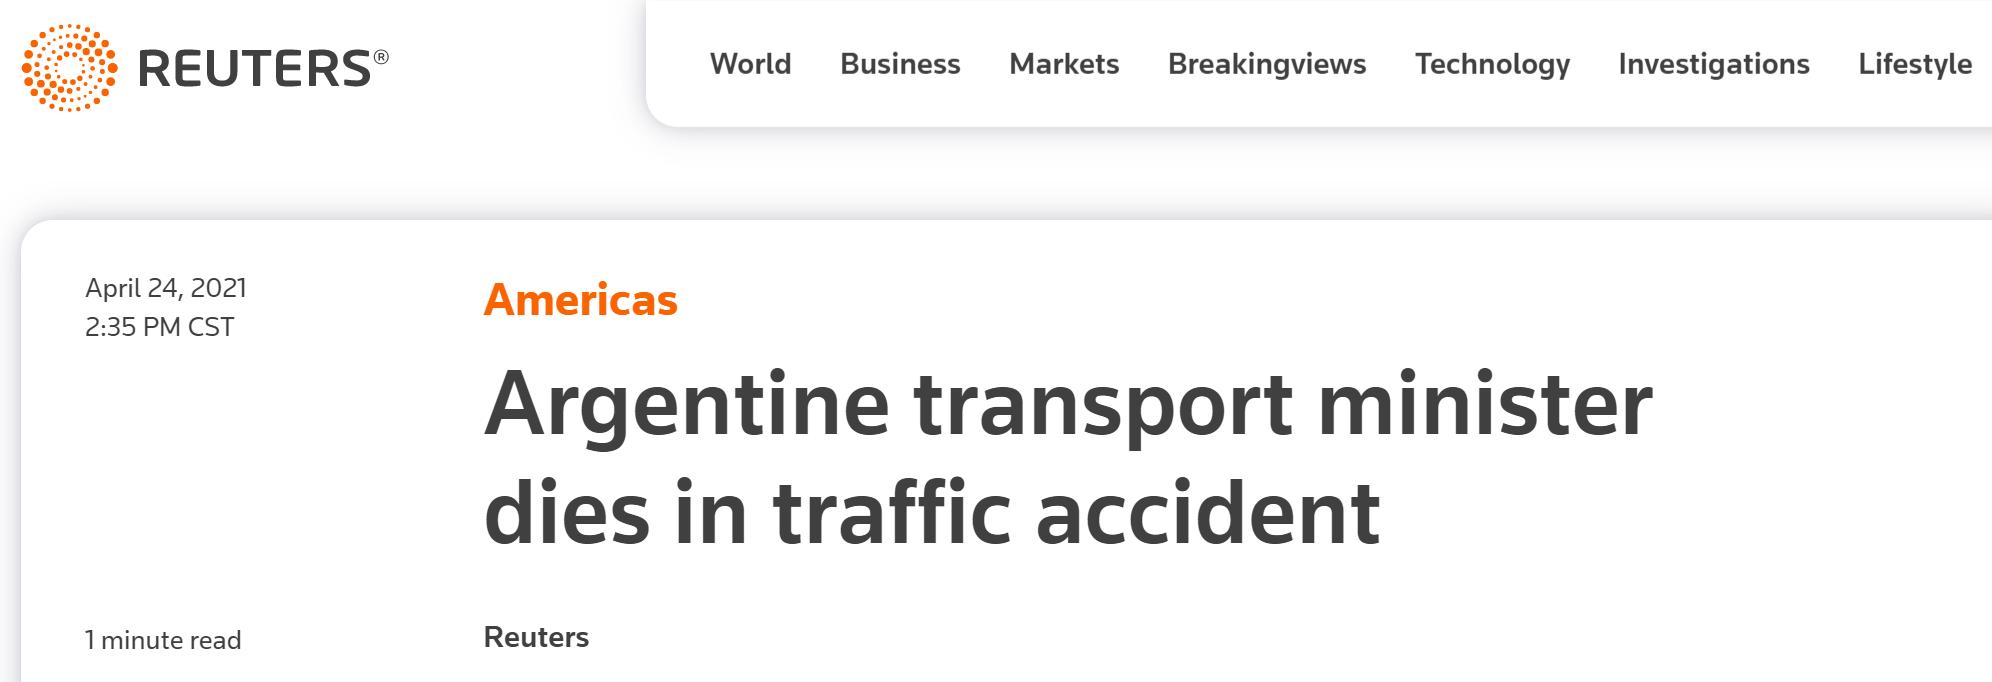 阿根廷交通部长在交通事故中丧生,总统悼念